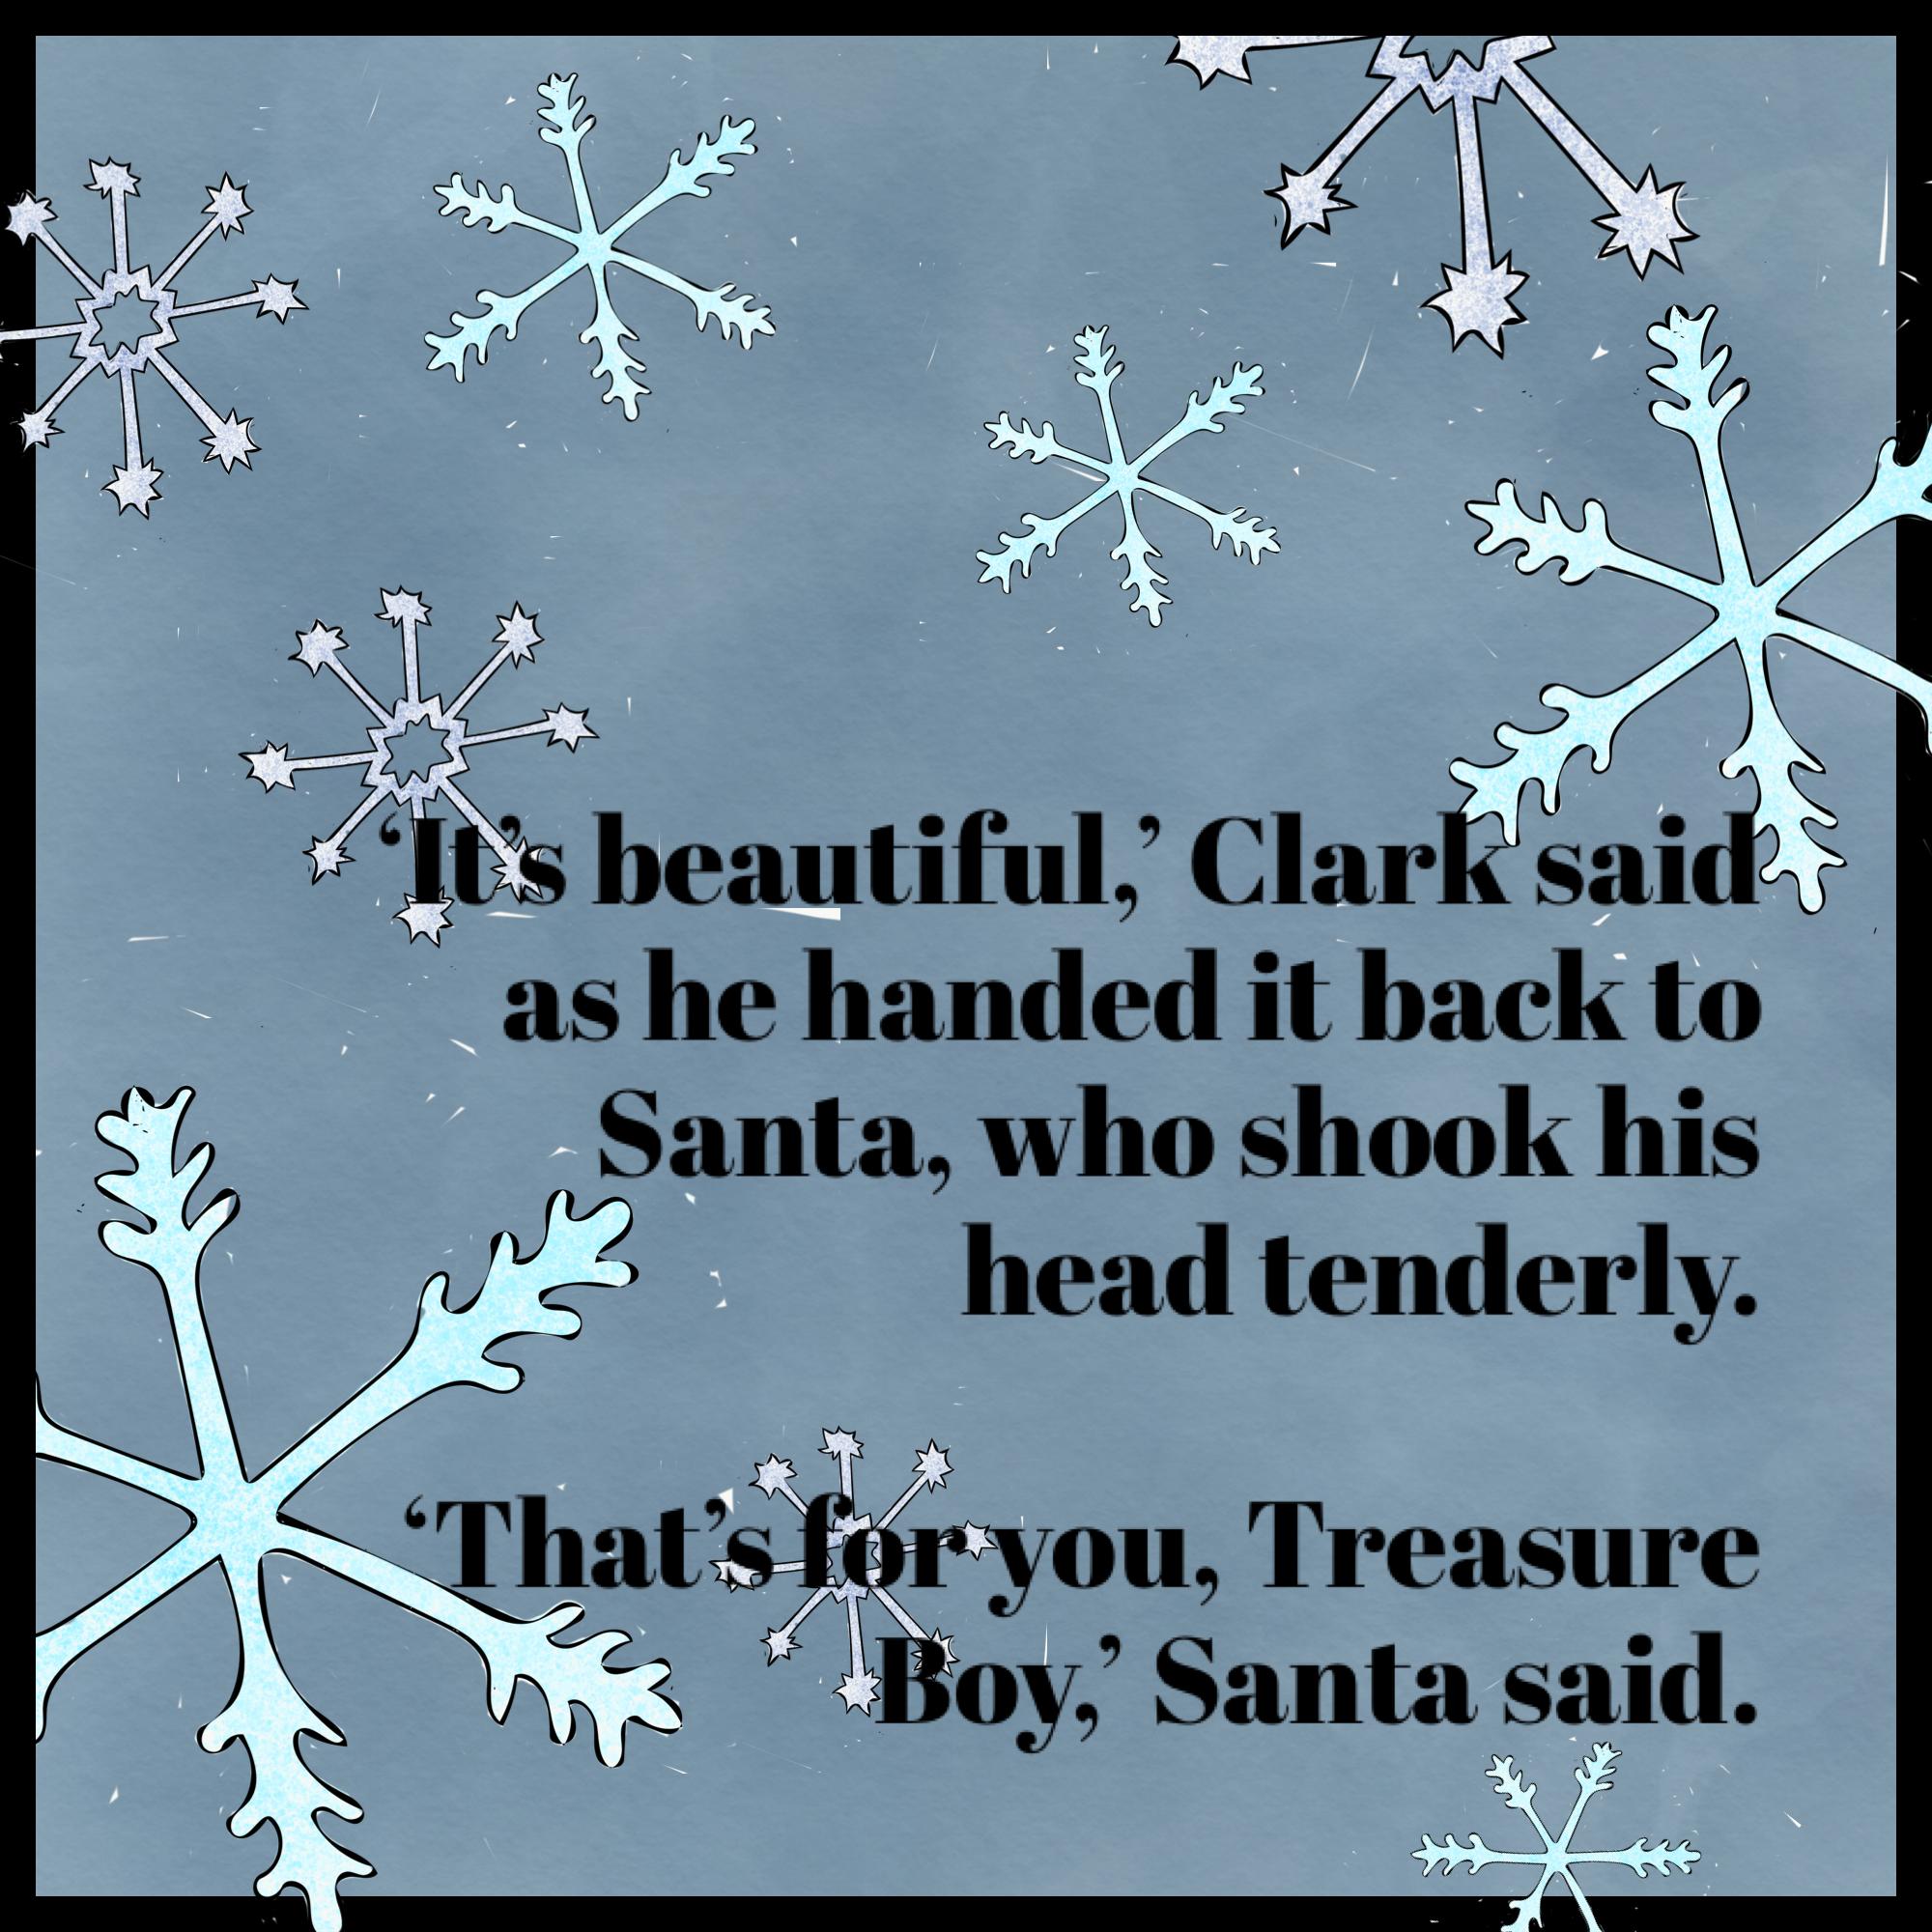 treasure_boy_holiday_kushins20.PNG